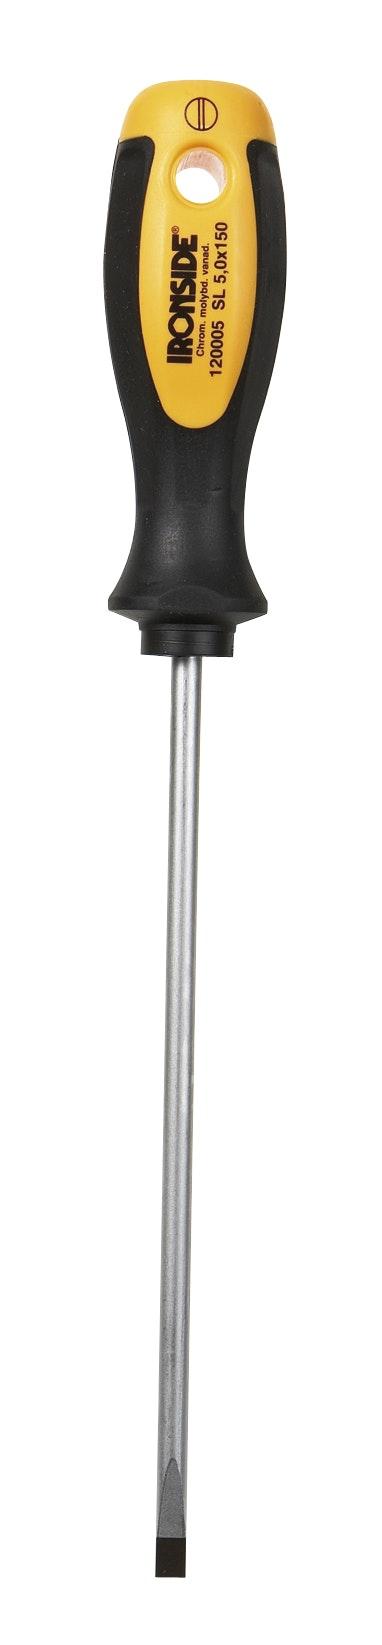 Skruvmejsel Ironside 2,5X75mm 120001